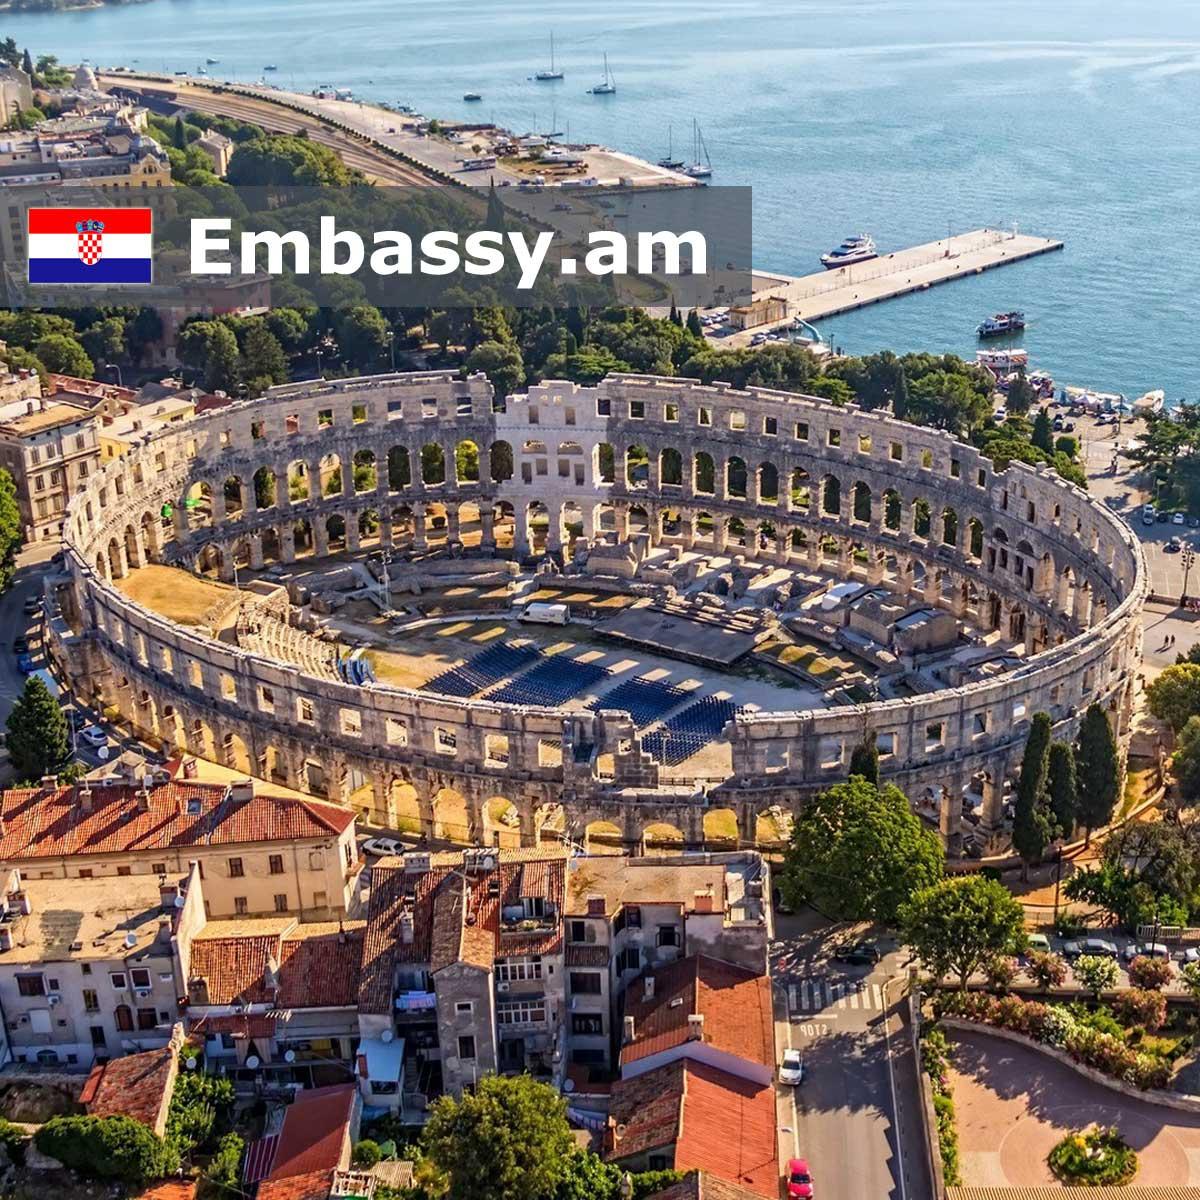 Pula - Hotels in Croatia - Embassy.am